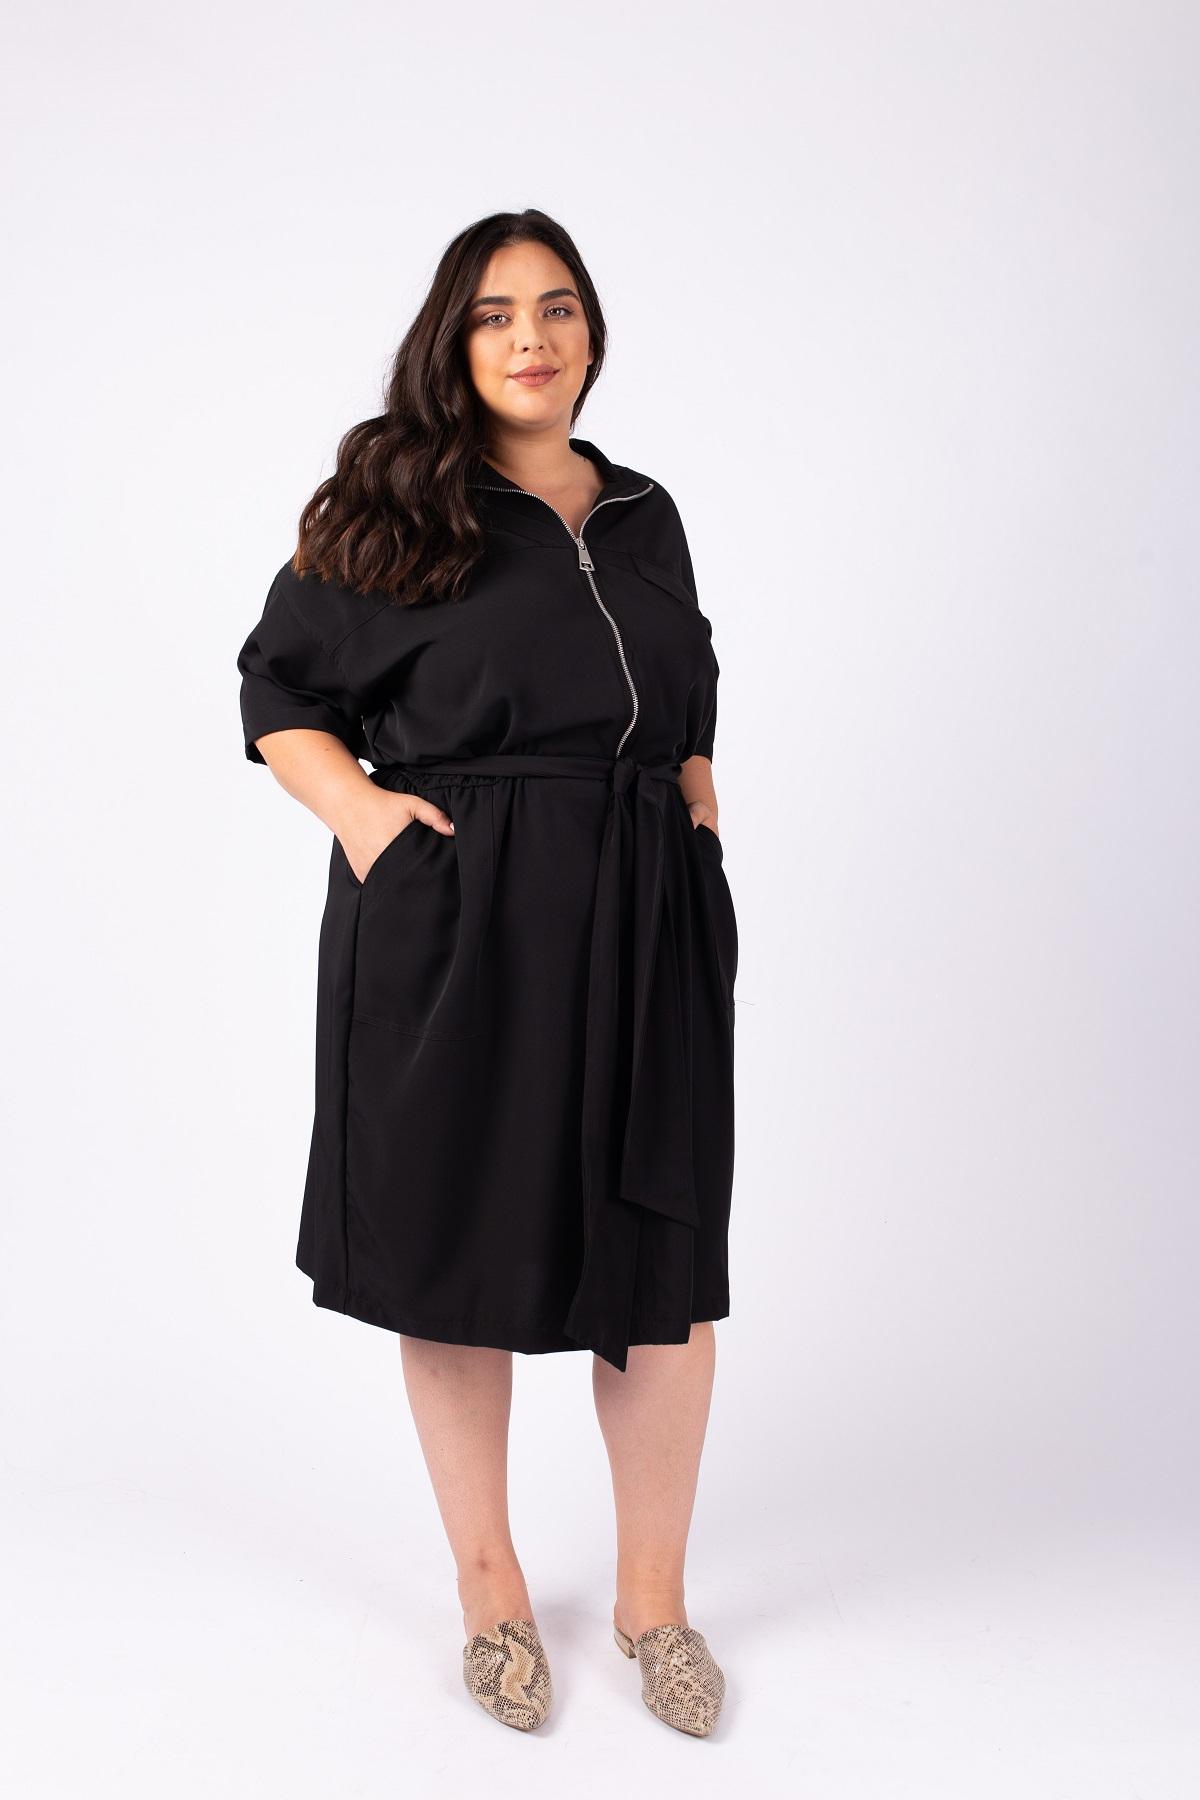 שמלת ג'ואנה שחורה